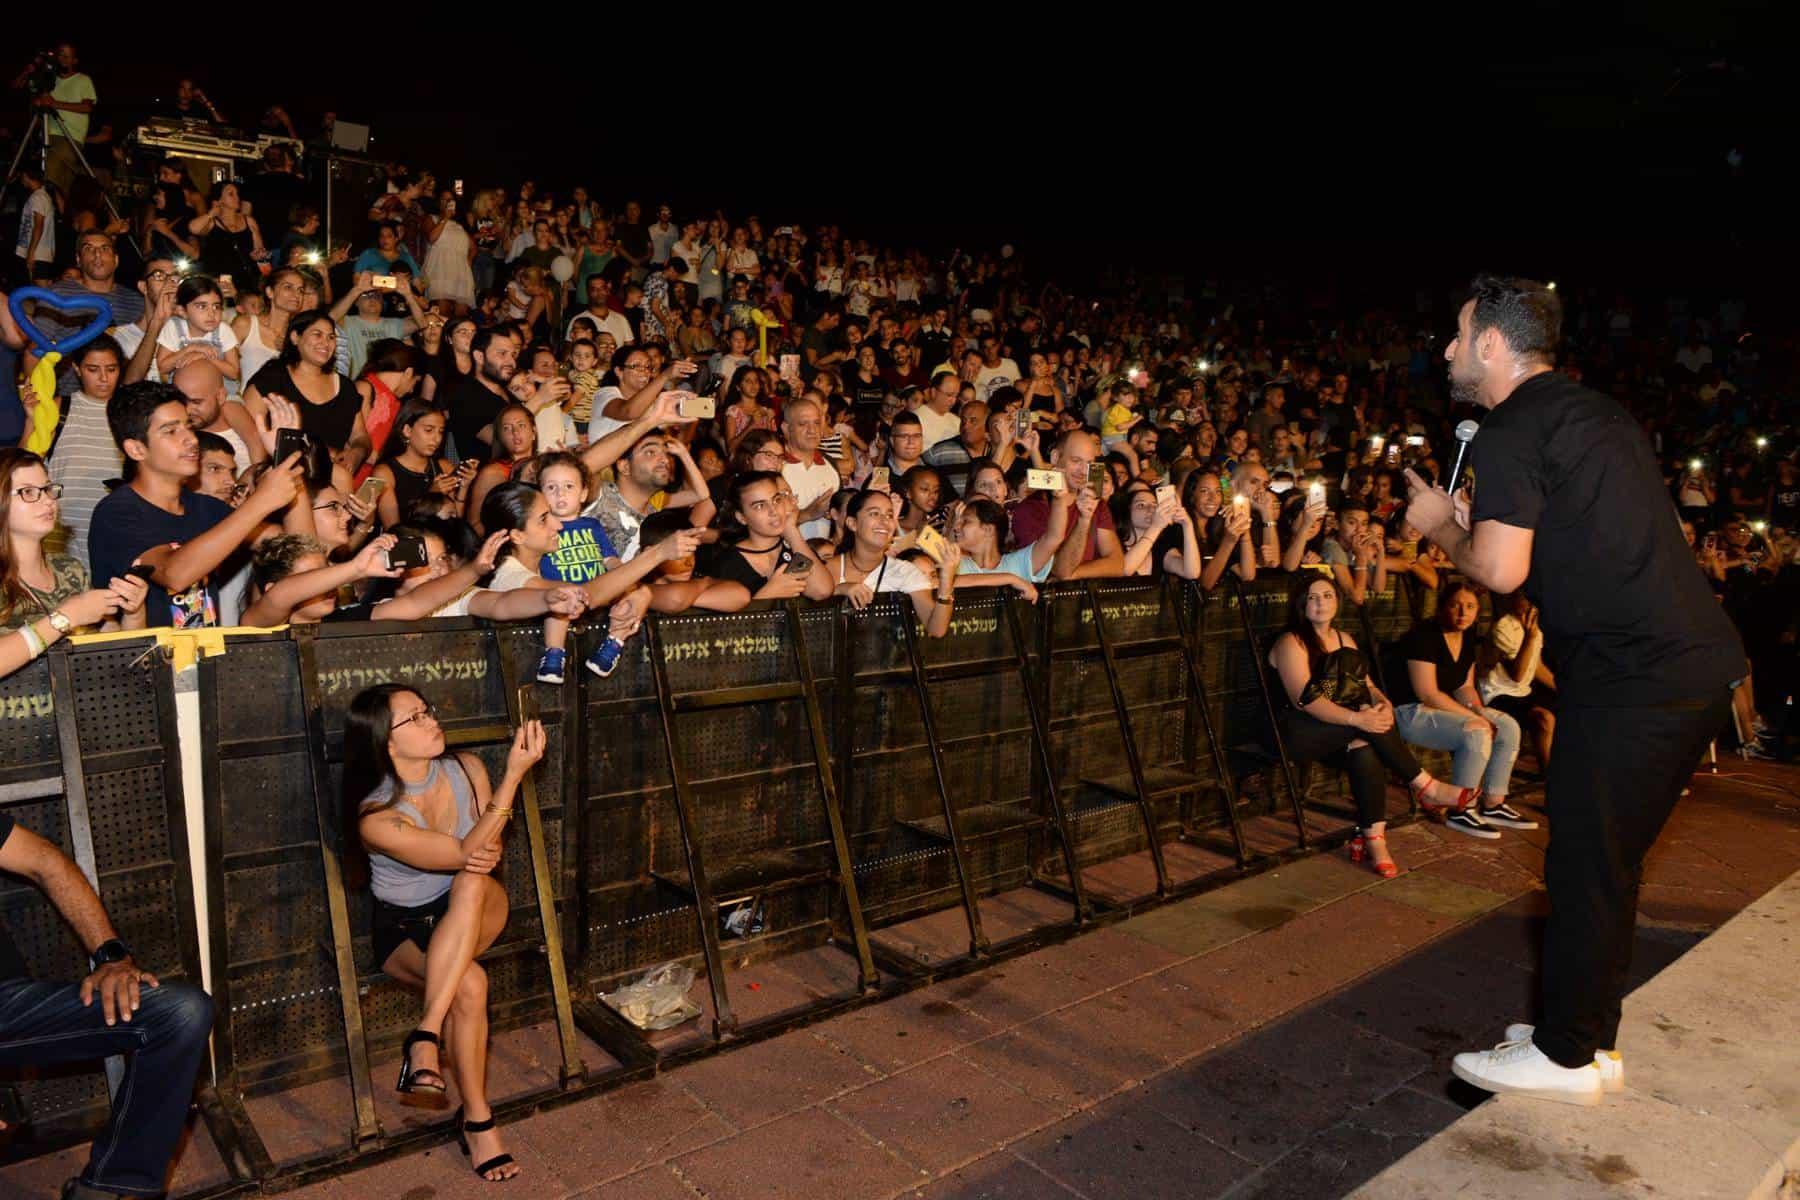 דודו אהרון במופע קיץ בחולון. צילום: טל קירשנבאום